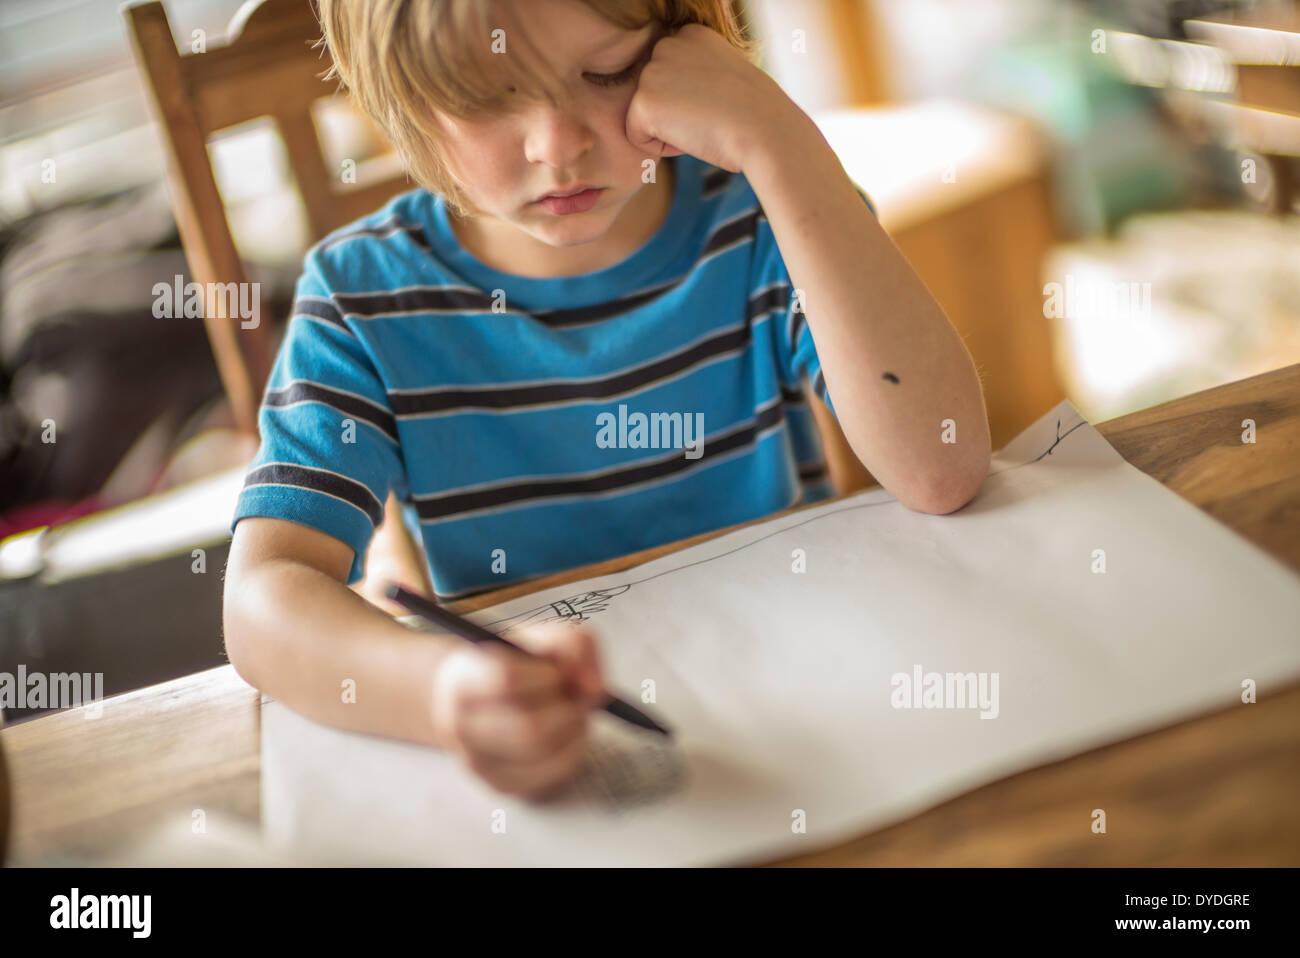 Sette anni di disegno del ragazzo al tavolo. Immagini Stock